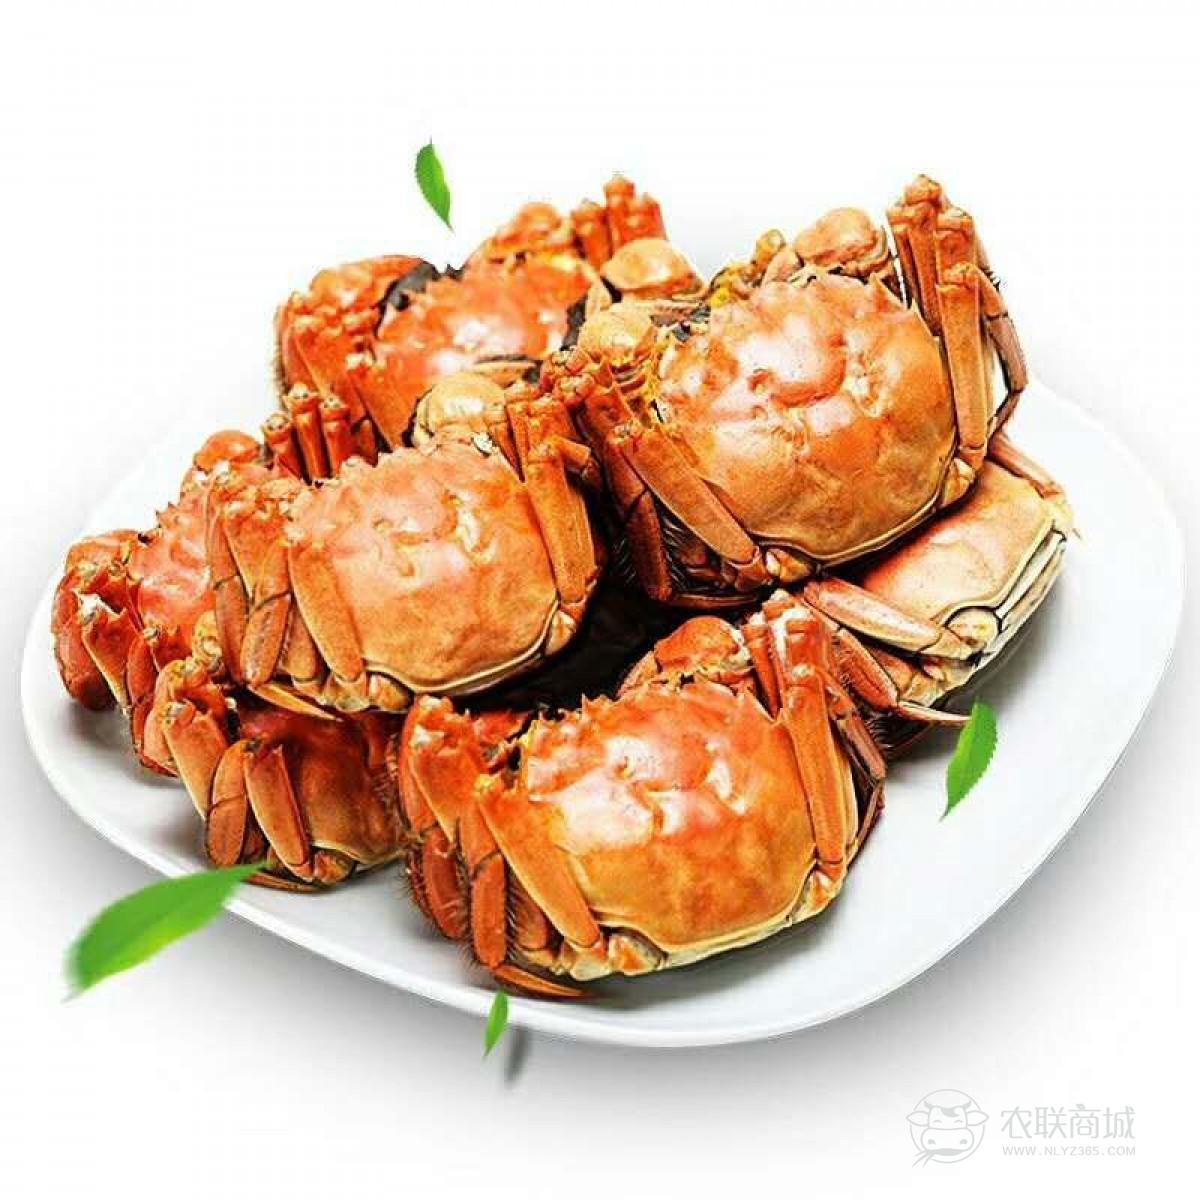 阳澄湖大闸蟹2198型提货券 公蟹4.5两/只 母蟹3两/只 5对10只螃蟹礼盒提货卡 海鲜水产